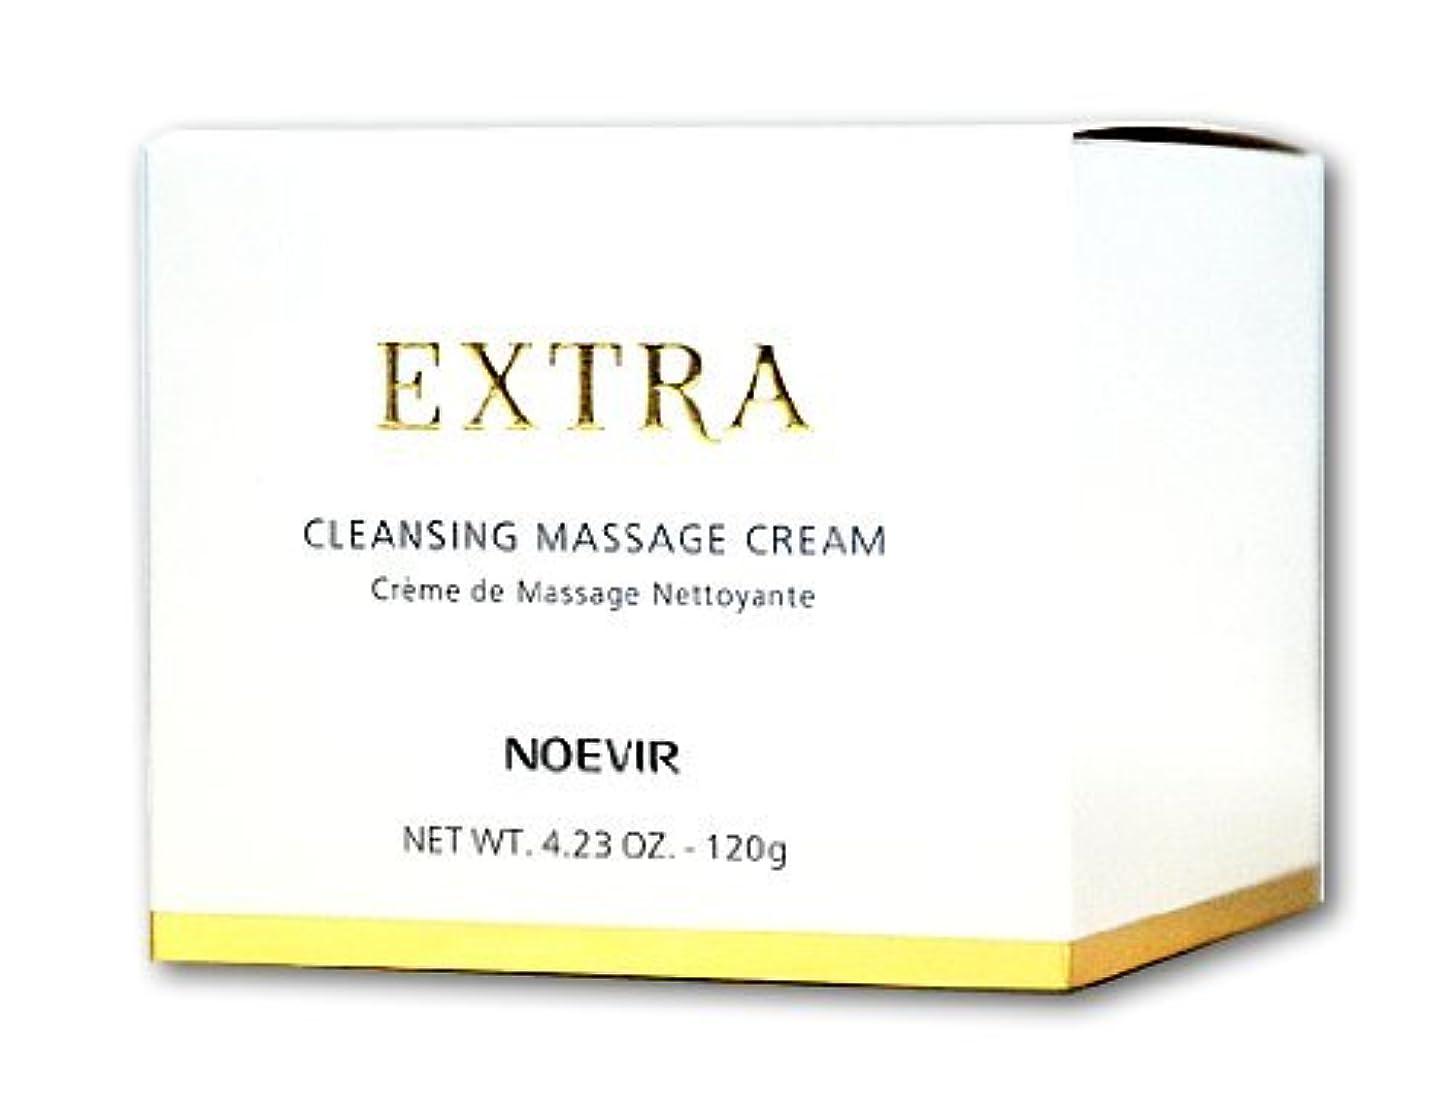 着る強制的お風呂を持っているノエビア エクストラ 薬用クレンジングマッサージクリーム<医薬部外品>(120g)